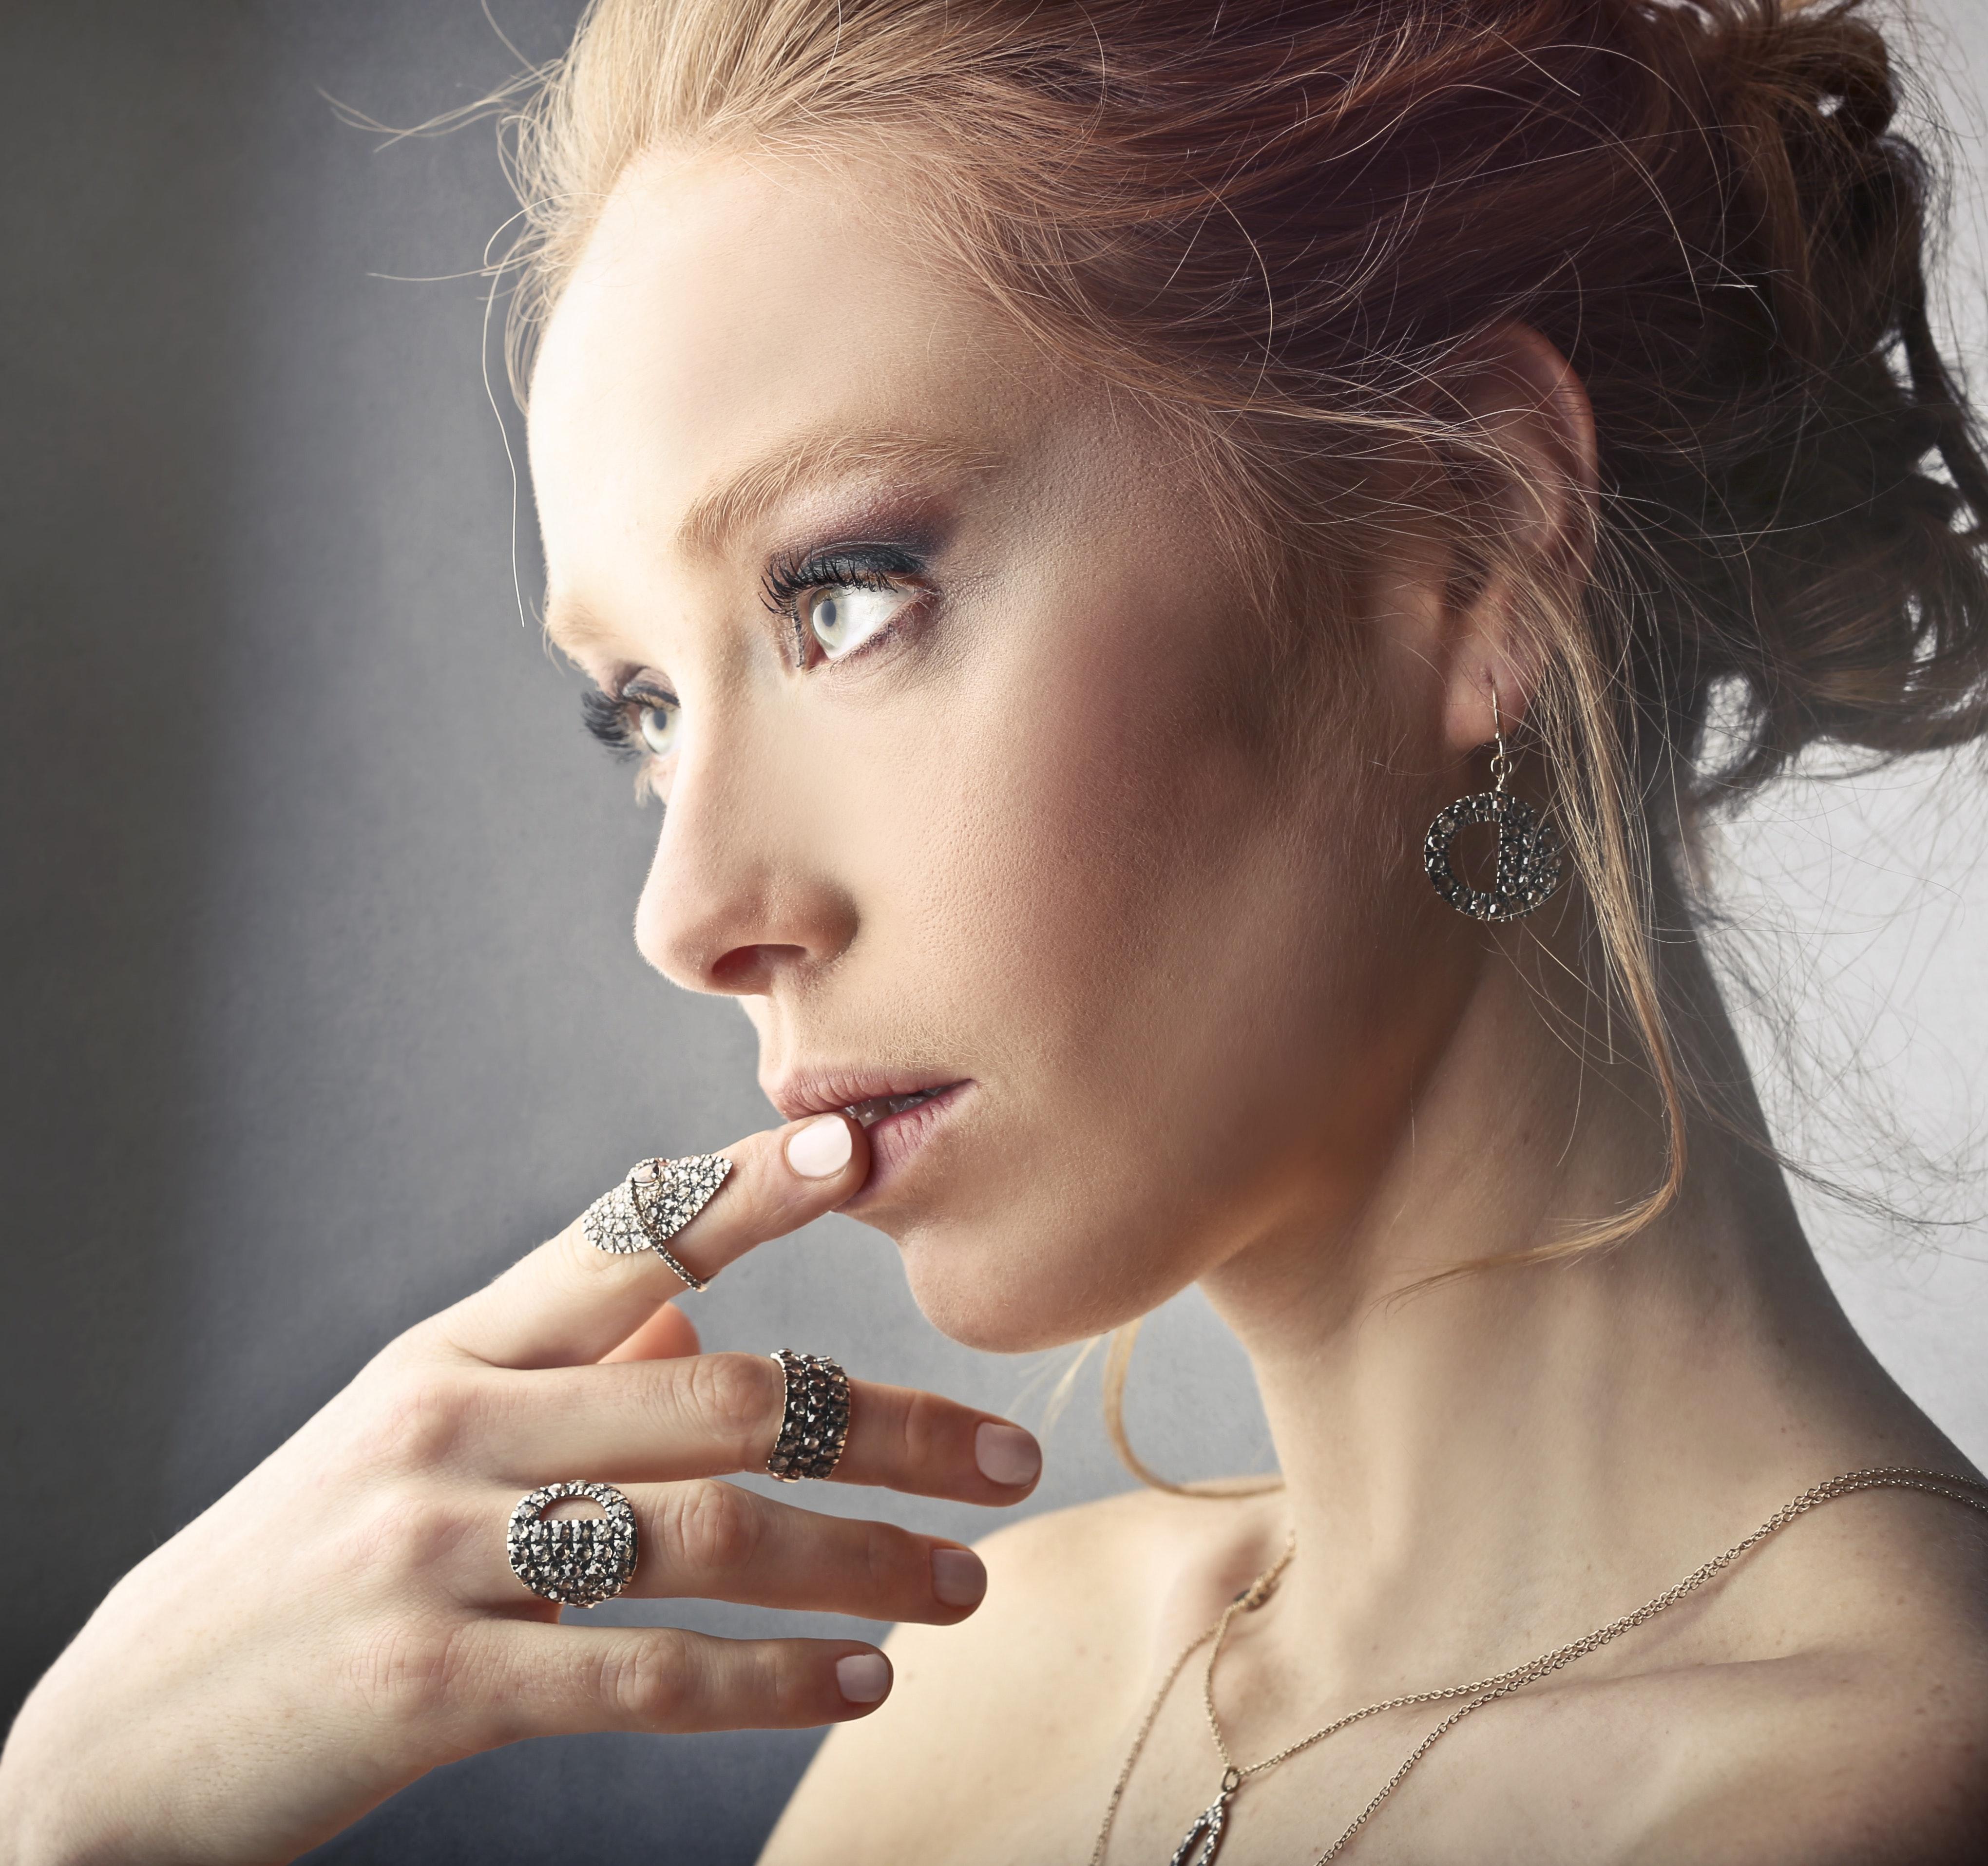 vastă selecție stiluri de moda captură Cum să porți bijuteriile din argint pentru un look perfect